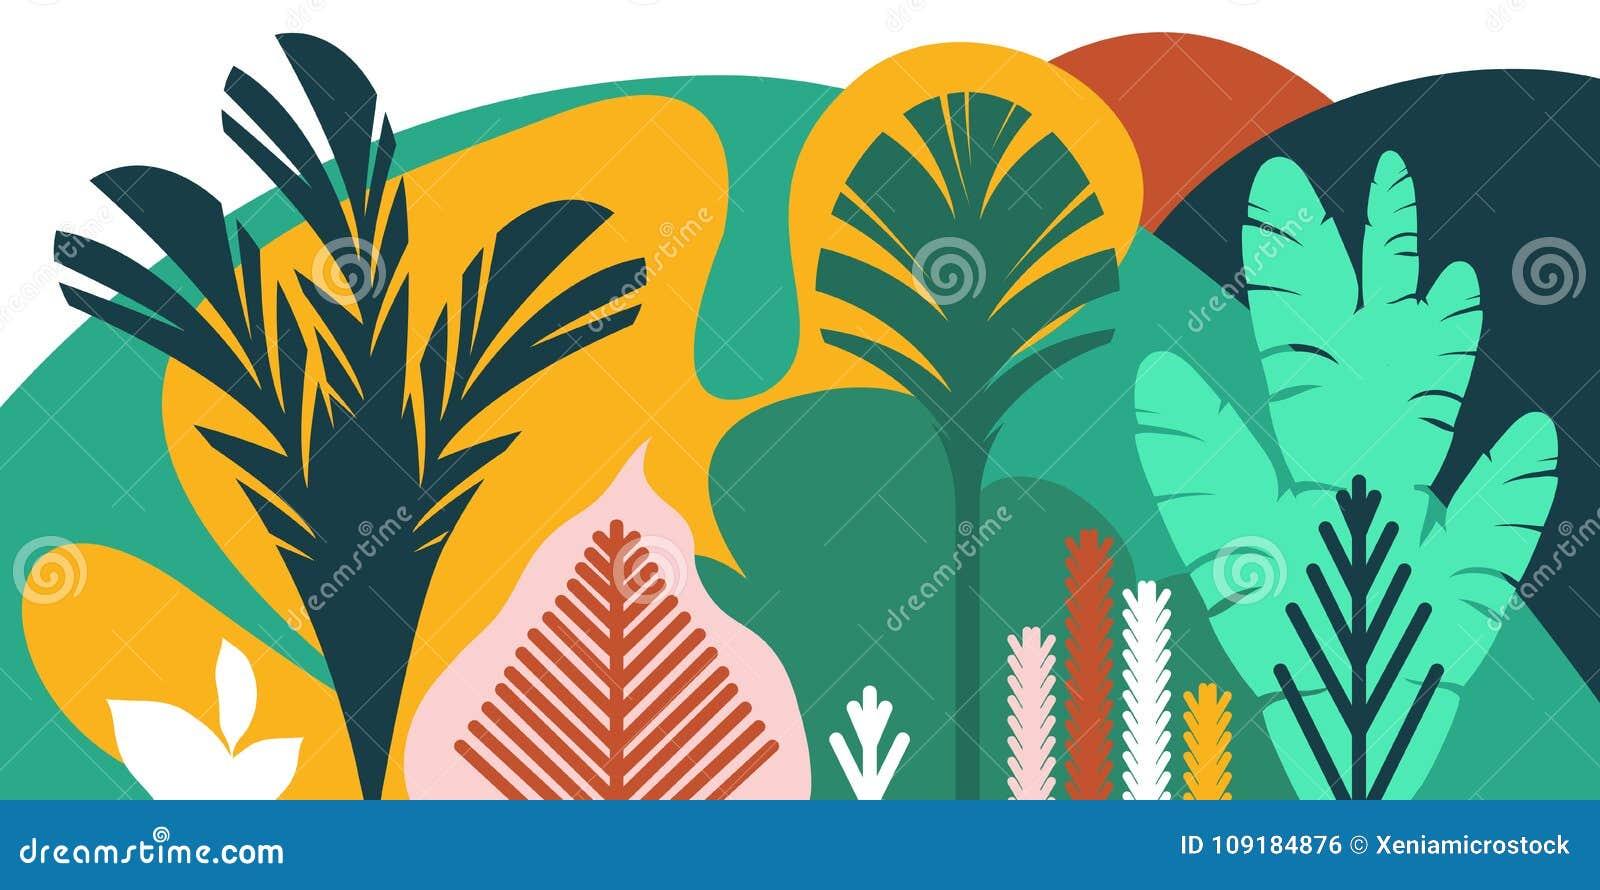 De bomen zijn breedbladige tropisch, varens Vlakke stijl Behoud van het milieu, bossen park, openlucht